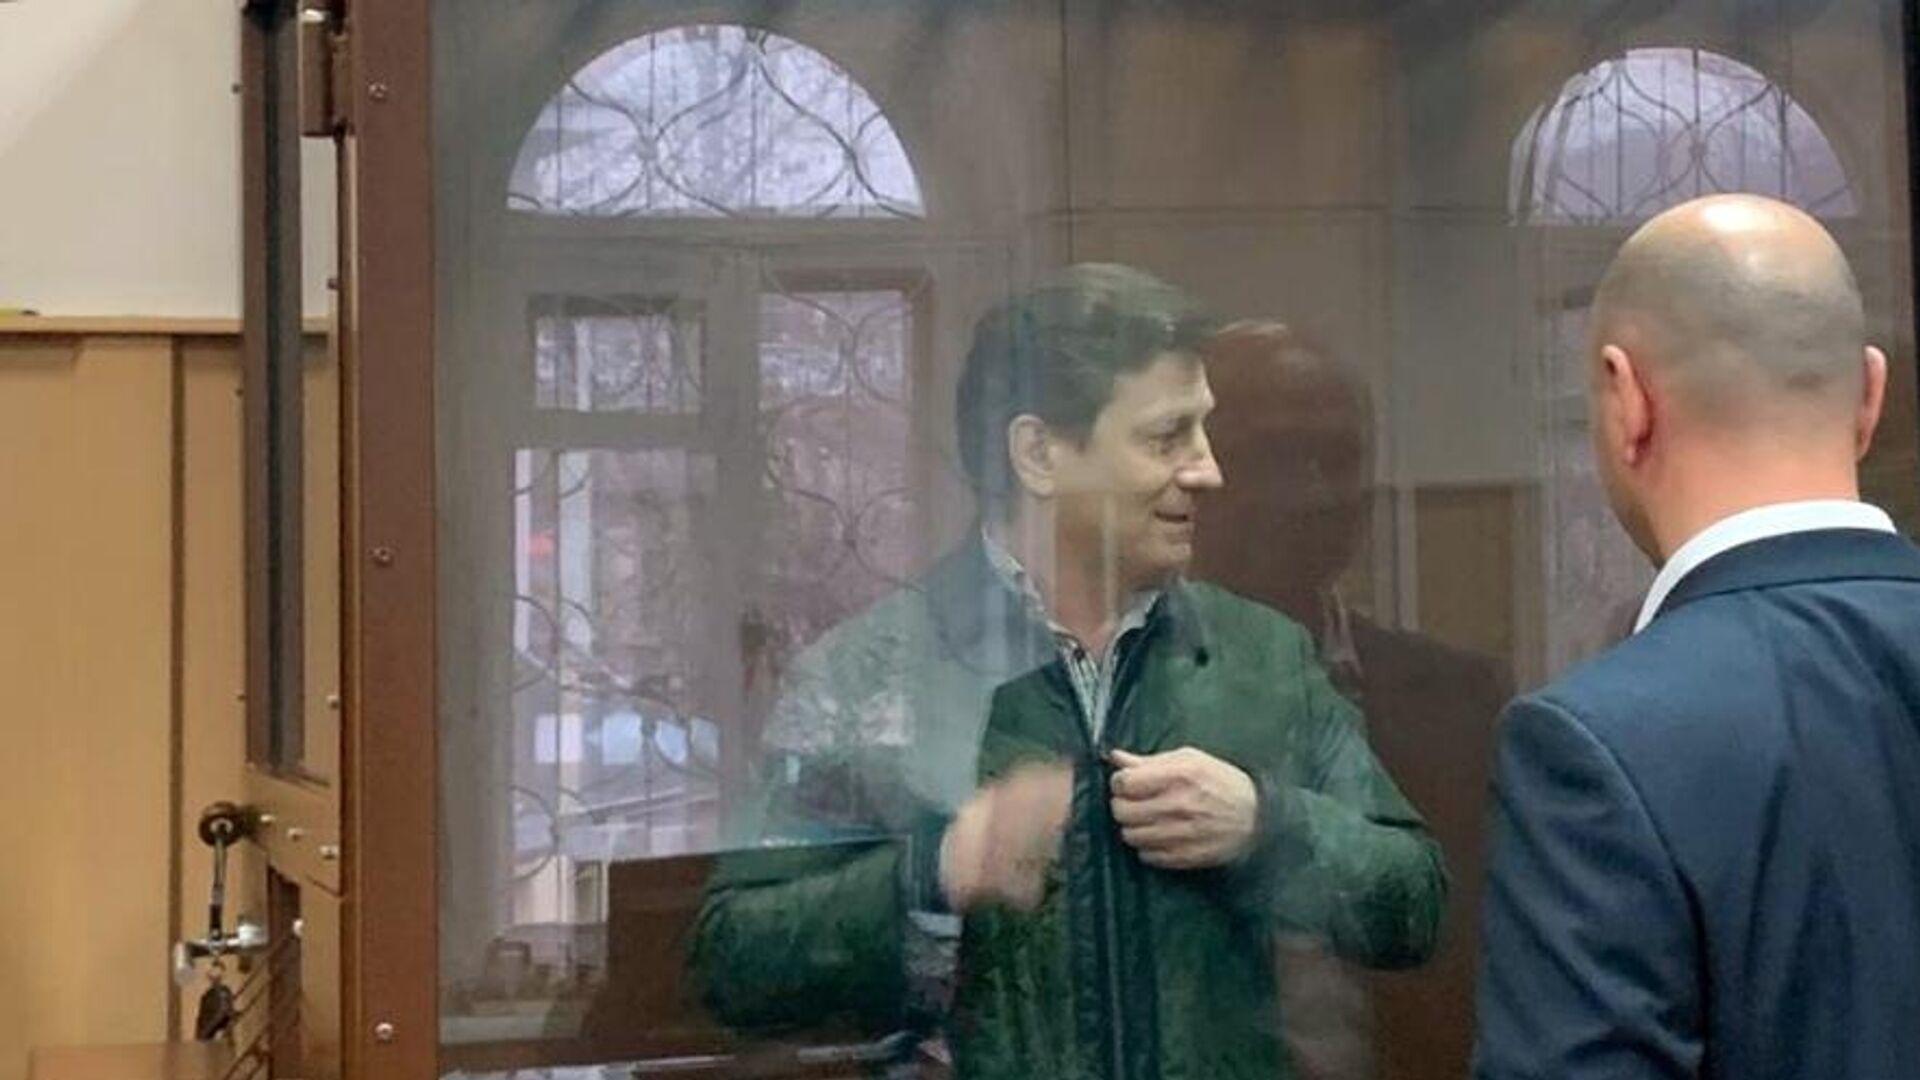 Бывший губернатор Хабаровского края Сергей Фургал, обвиняемый в организации убийств, в зале заседаний Басманного суда города Москвы, где будет рассматриваться ходатайство о продлении ему срока ареста - РИА Новости, 1920, 26.11.2020